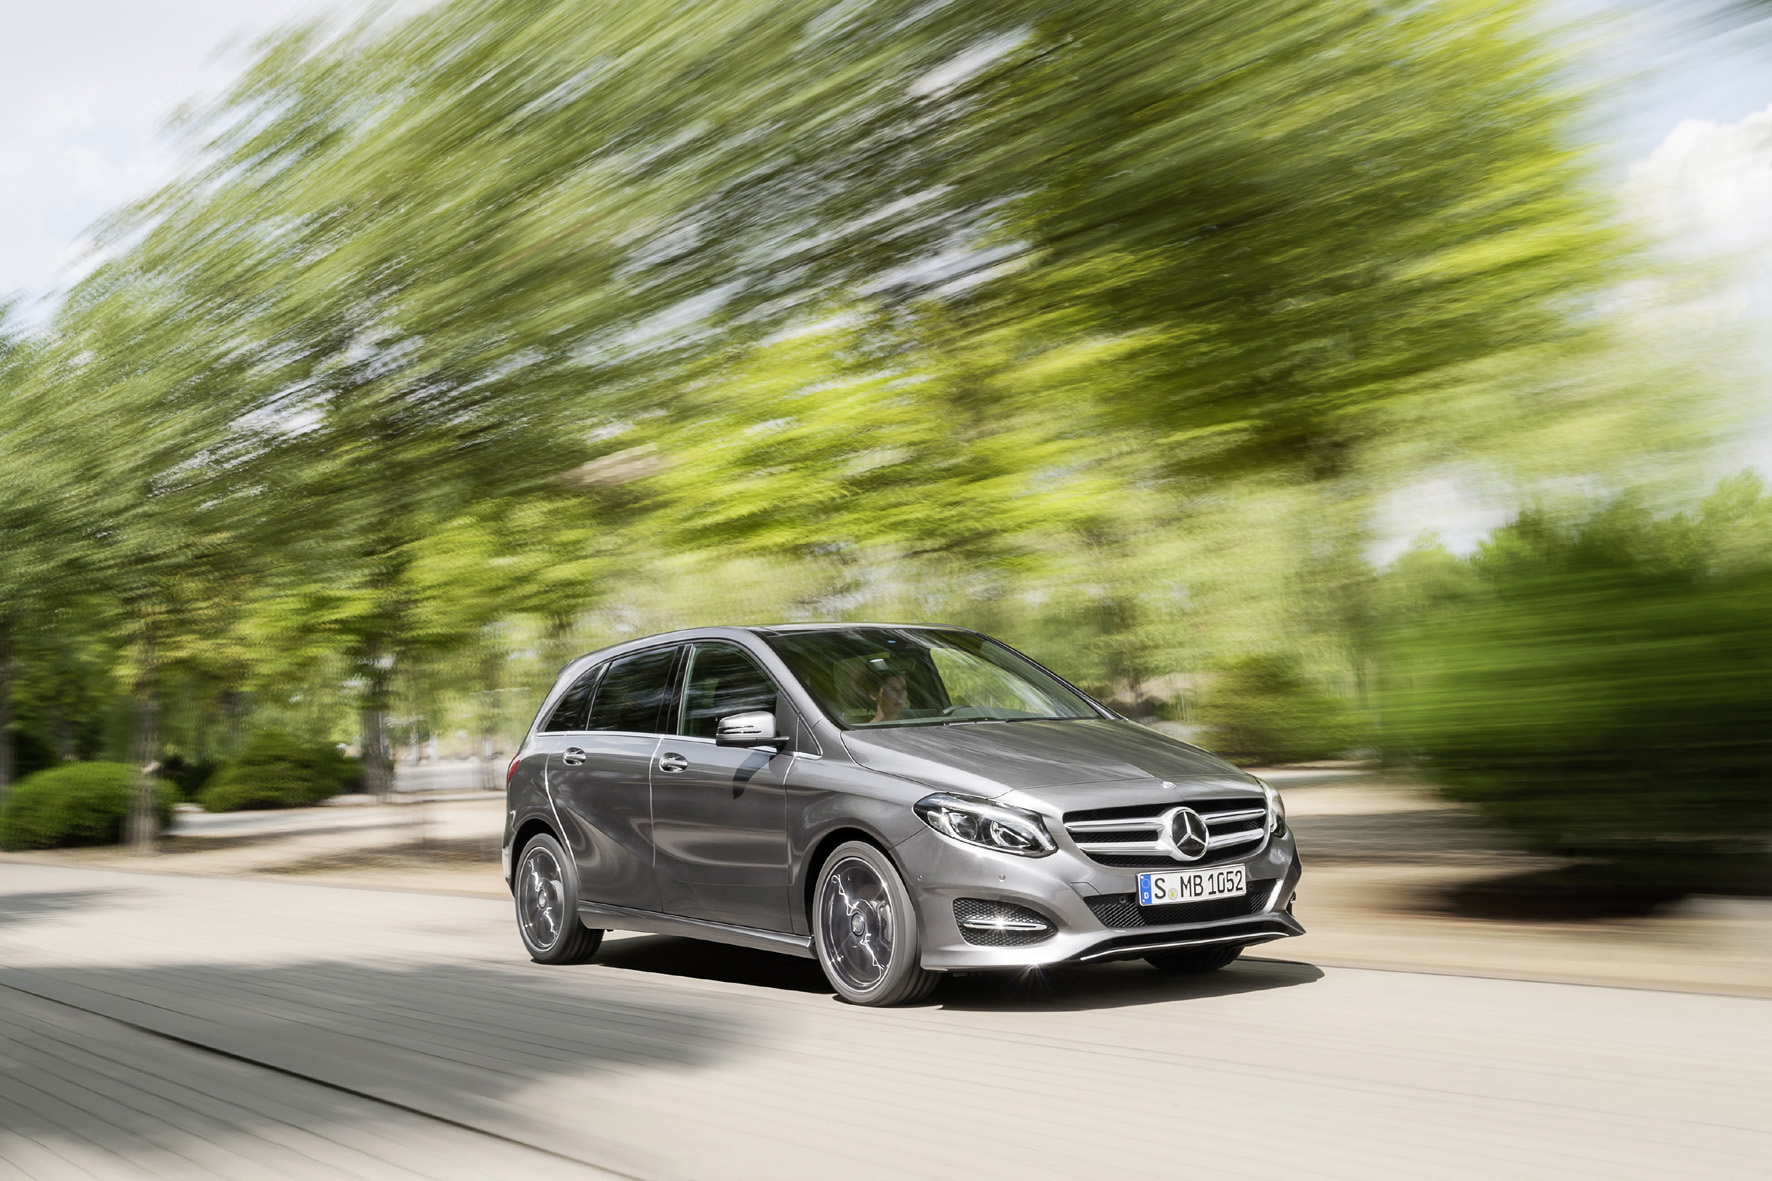 """mid Düsseldorf - Mehr Sportlichkeit für die B-Klasse: Mercedes bietet für seinen Kompakt-Van jetzt das """"Dynamic Select""""-System mit vier Fahrprogrammen an."""